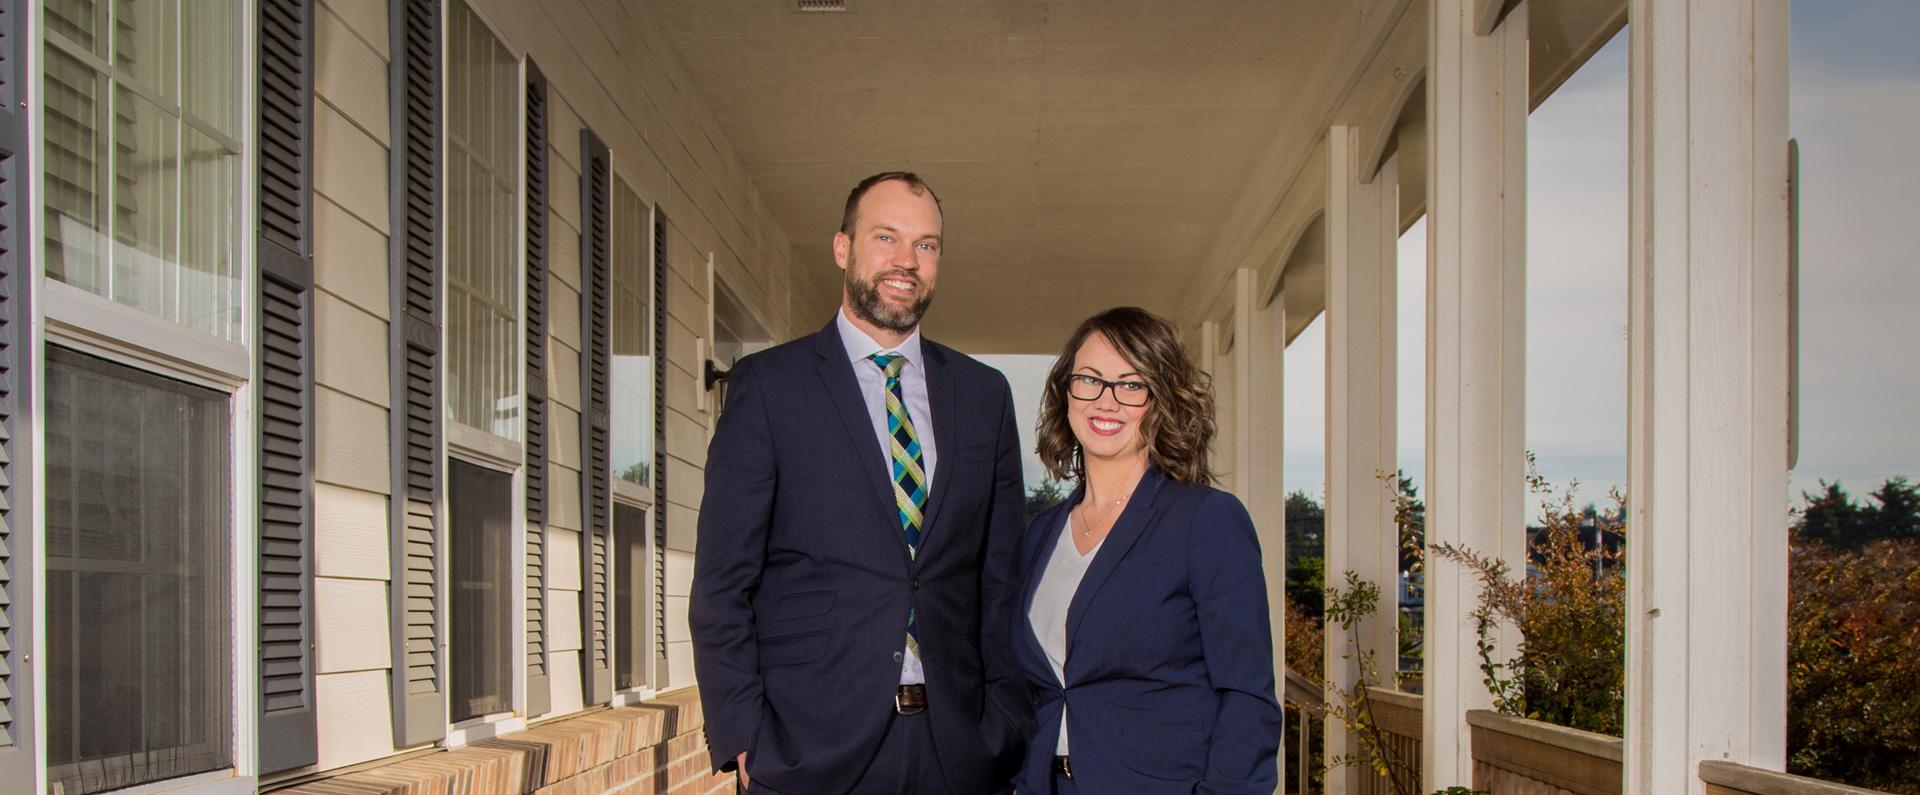 Adam and Traci amazing legal team newport oregon lincoln county